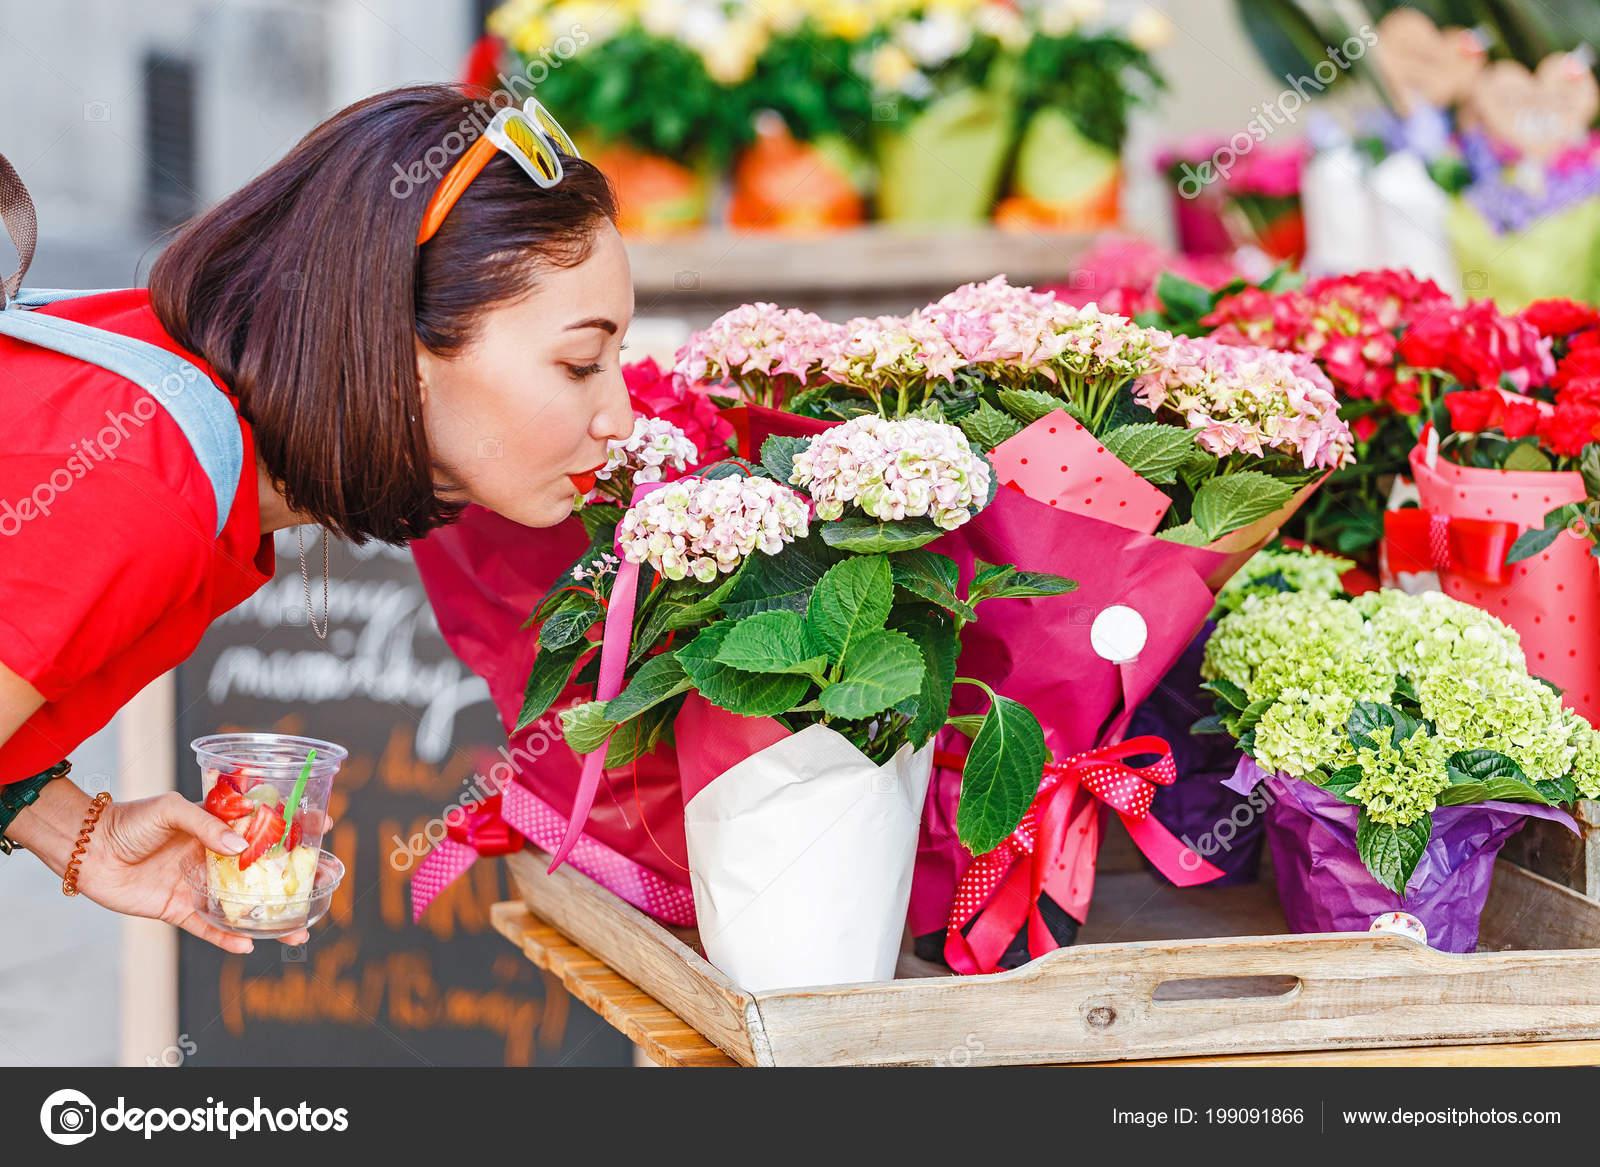 Секс в магазине цветов, Красивый секс продавца с клиенткой в магазине 21 фотография